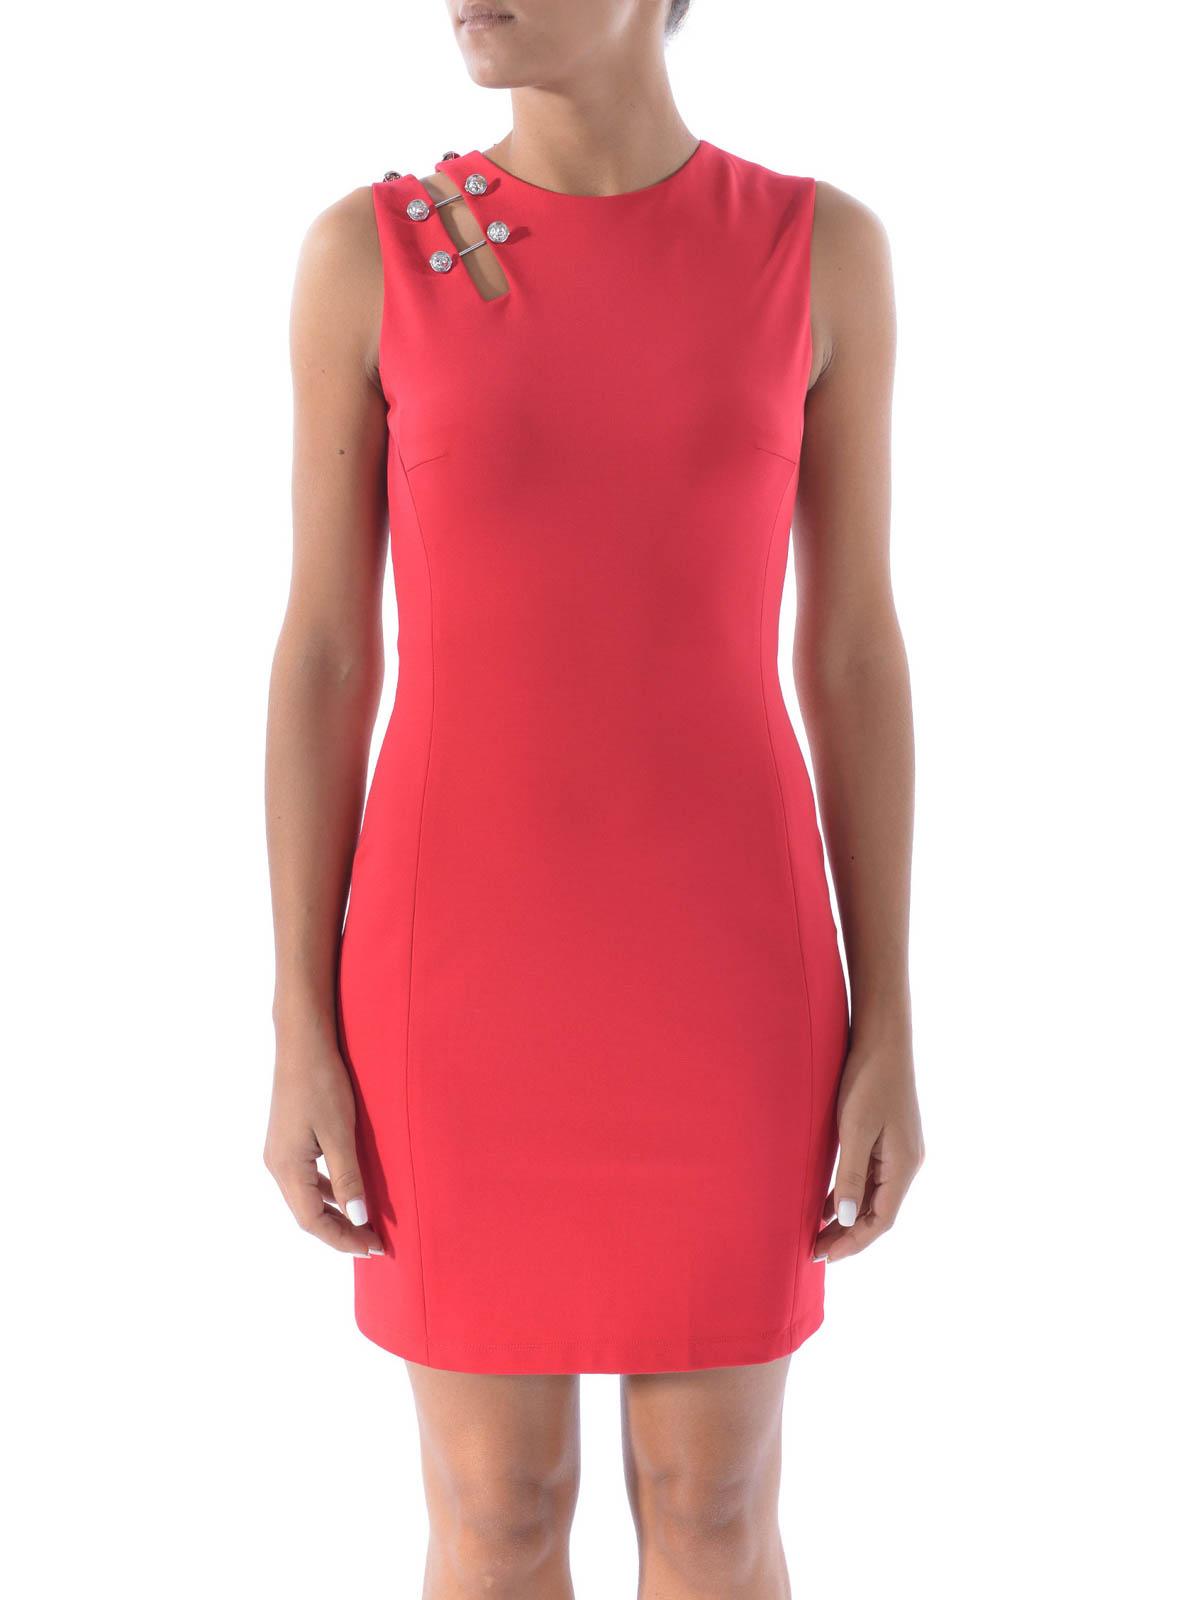 Kurzes Kleid - Rot von Versus Versace - Kurze Kleider | iKRIX